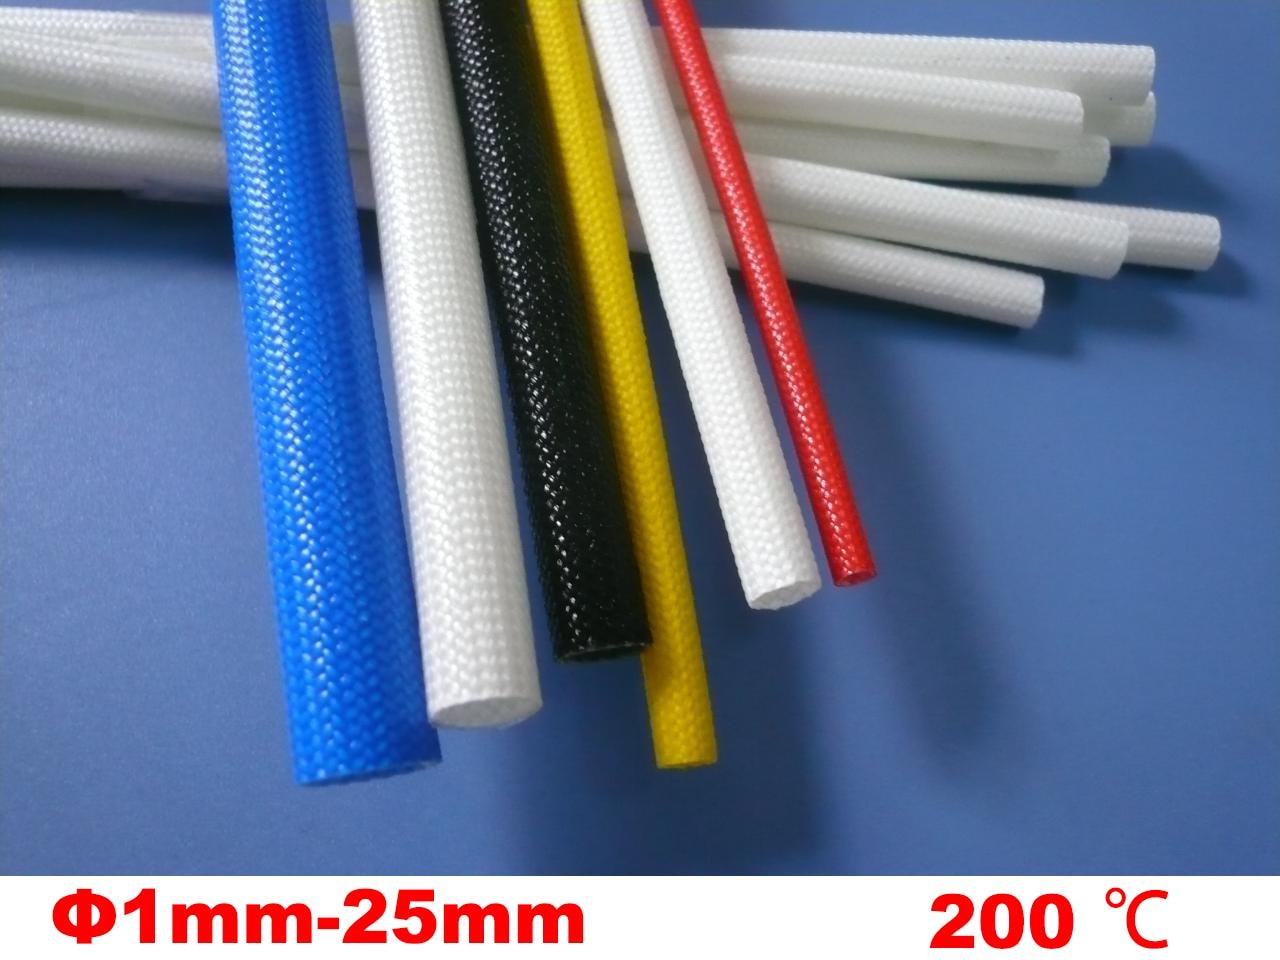 15 m 3mm Nero Bianco Rosso Giallo 200 Gradi C Ad Alta Temperatura Tubo Di Telaio In Resina di Silicone In Fibra di Vetro Intrecciata manicotto In Fibra di vetro Del Tubo